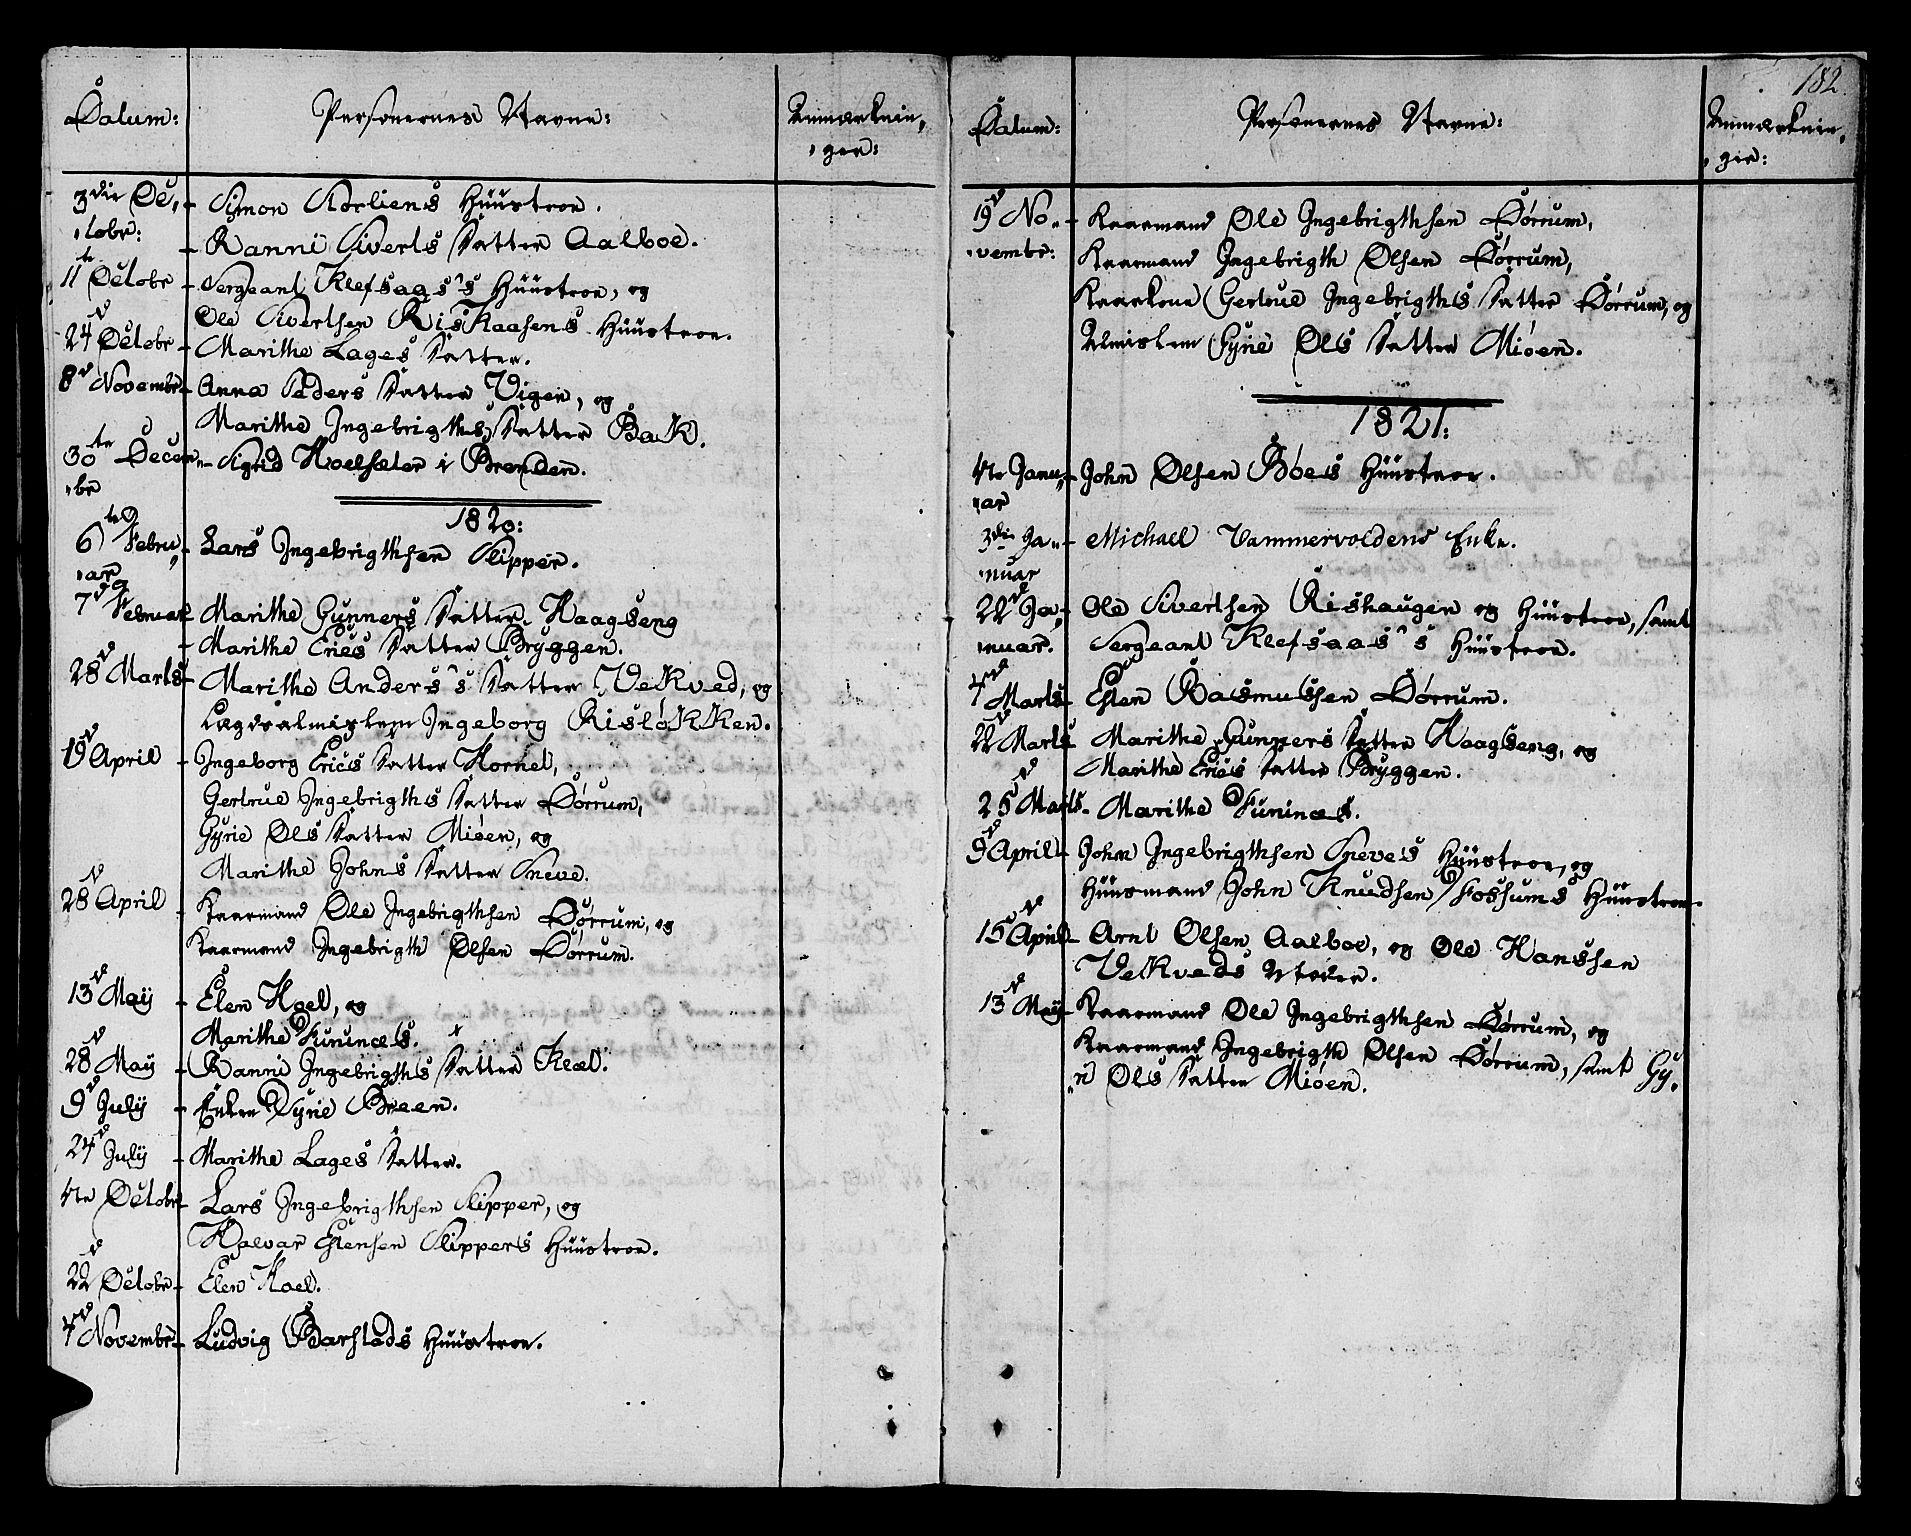 SAT, Ministerialprotokoller, klokkerbøker og fødselsregistre - Sør-Trøndelag, 678/L0894: Ministerialbok nr. 678A04, 1806-1815, s. 182